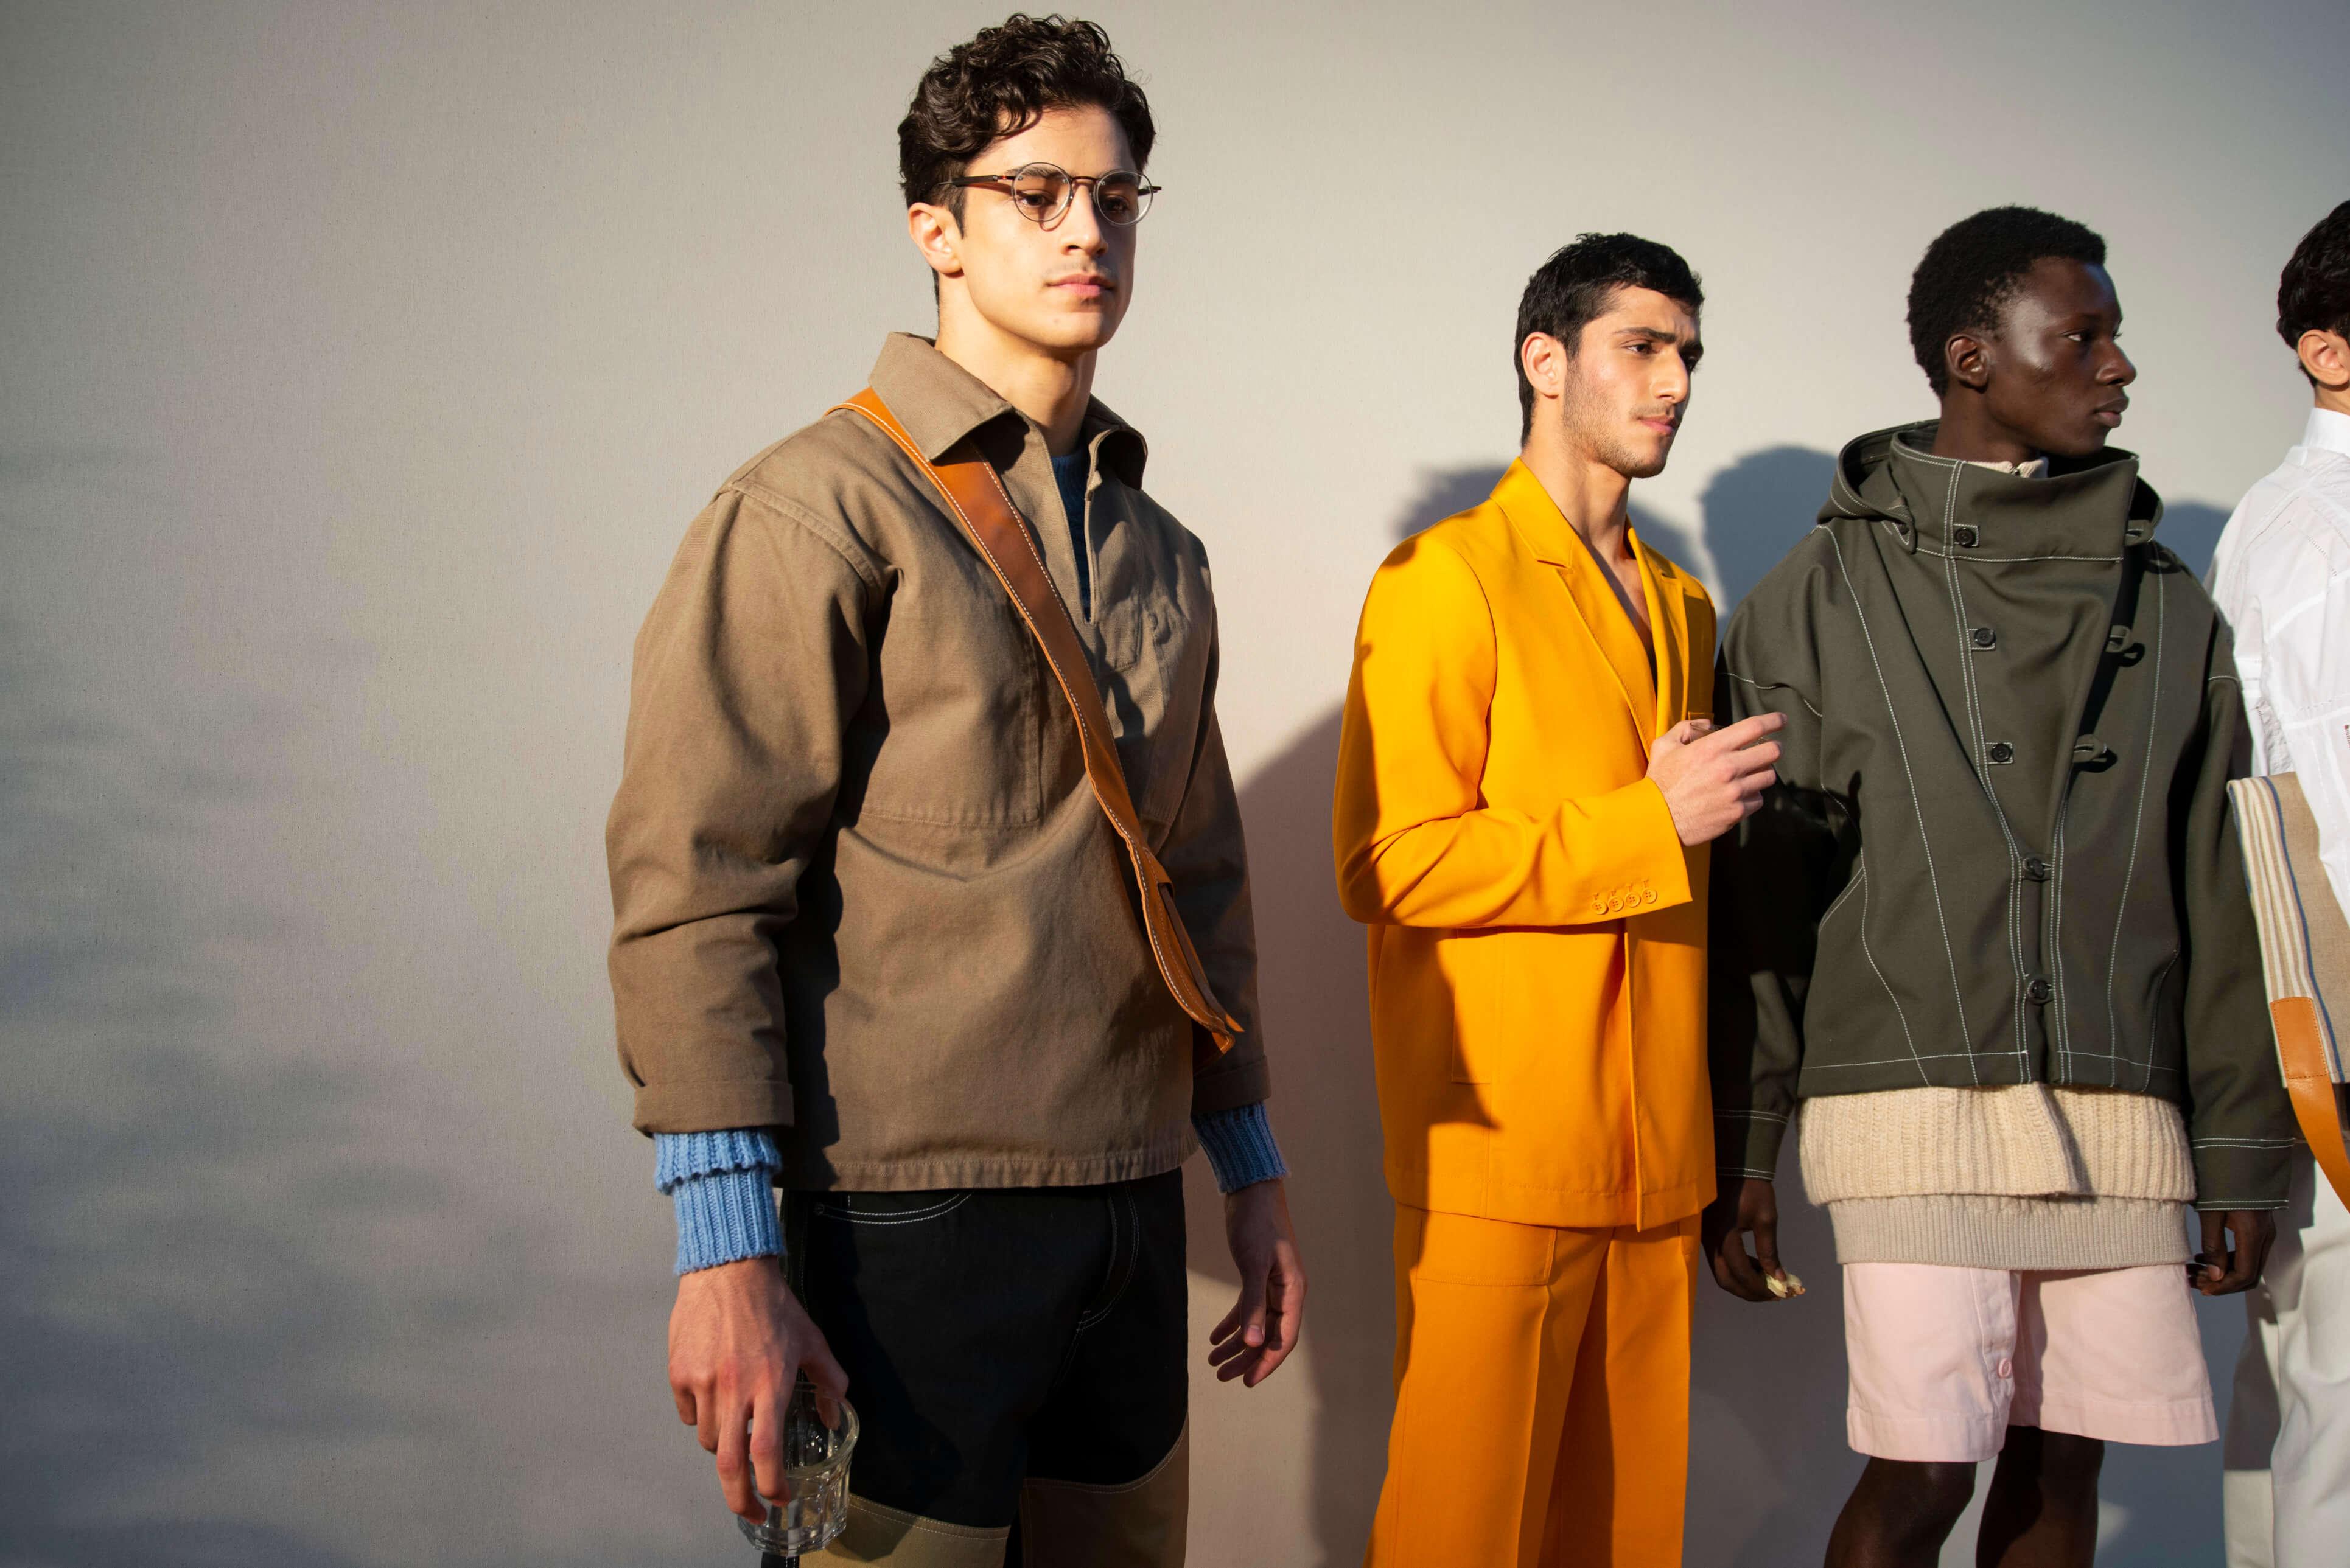 1184d7348b9bbb FashionPost to też moda męska. Sprawdzamy, jakie są aktualnie modne ubrania  dla mężczyzn, stylowe męskie koszule, męskie spodnie, męskie garnitury i  męskie ...